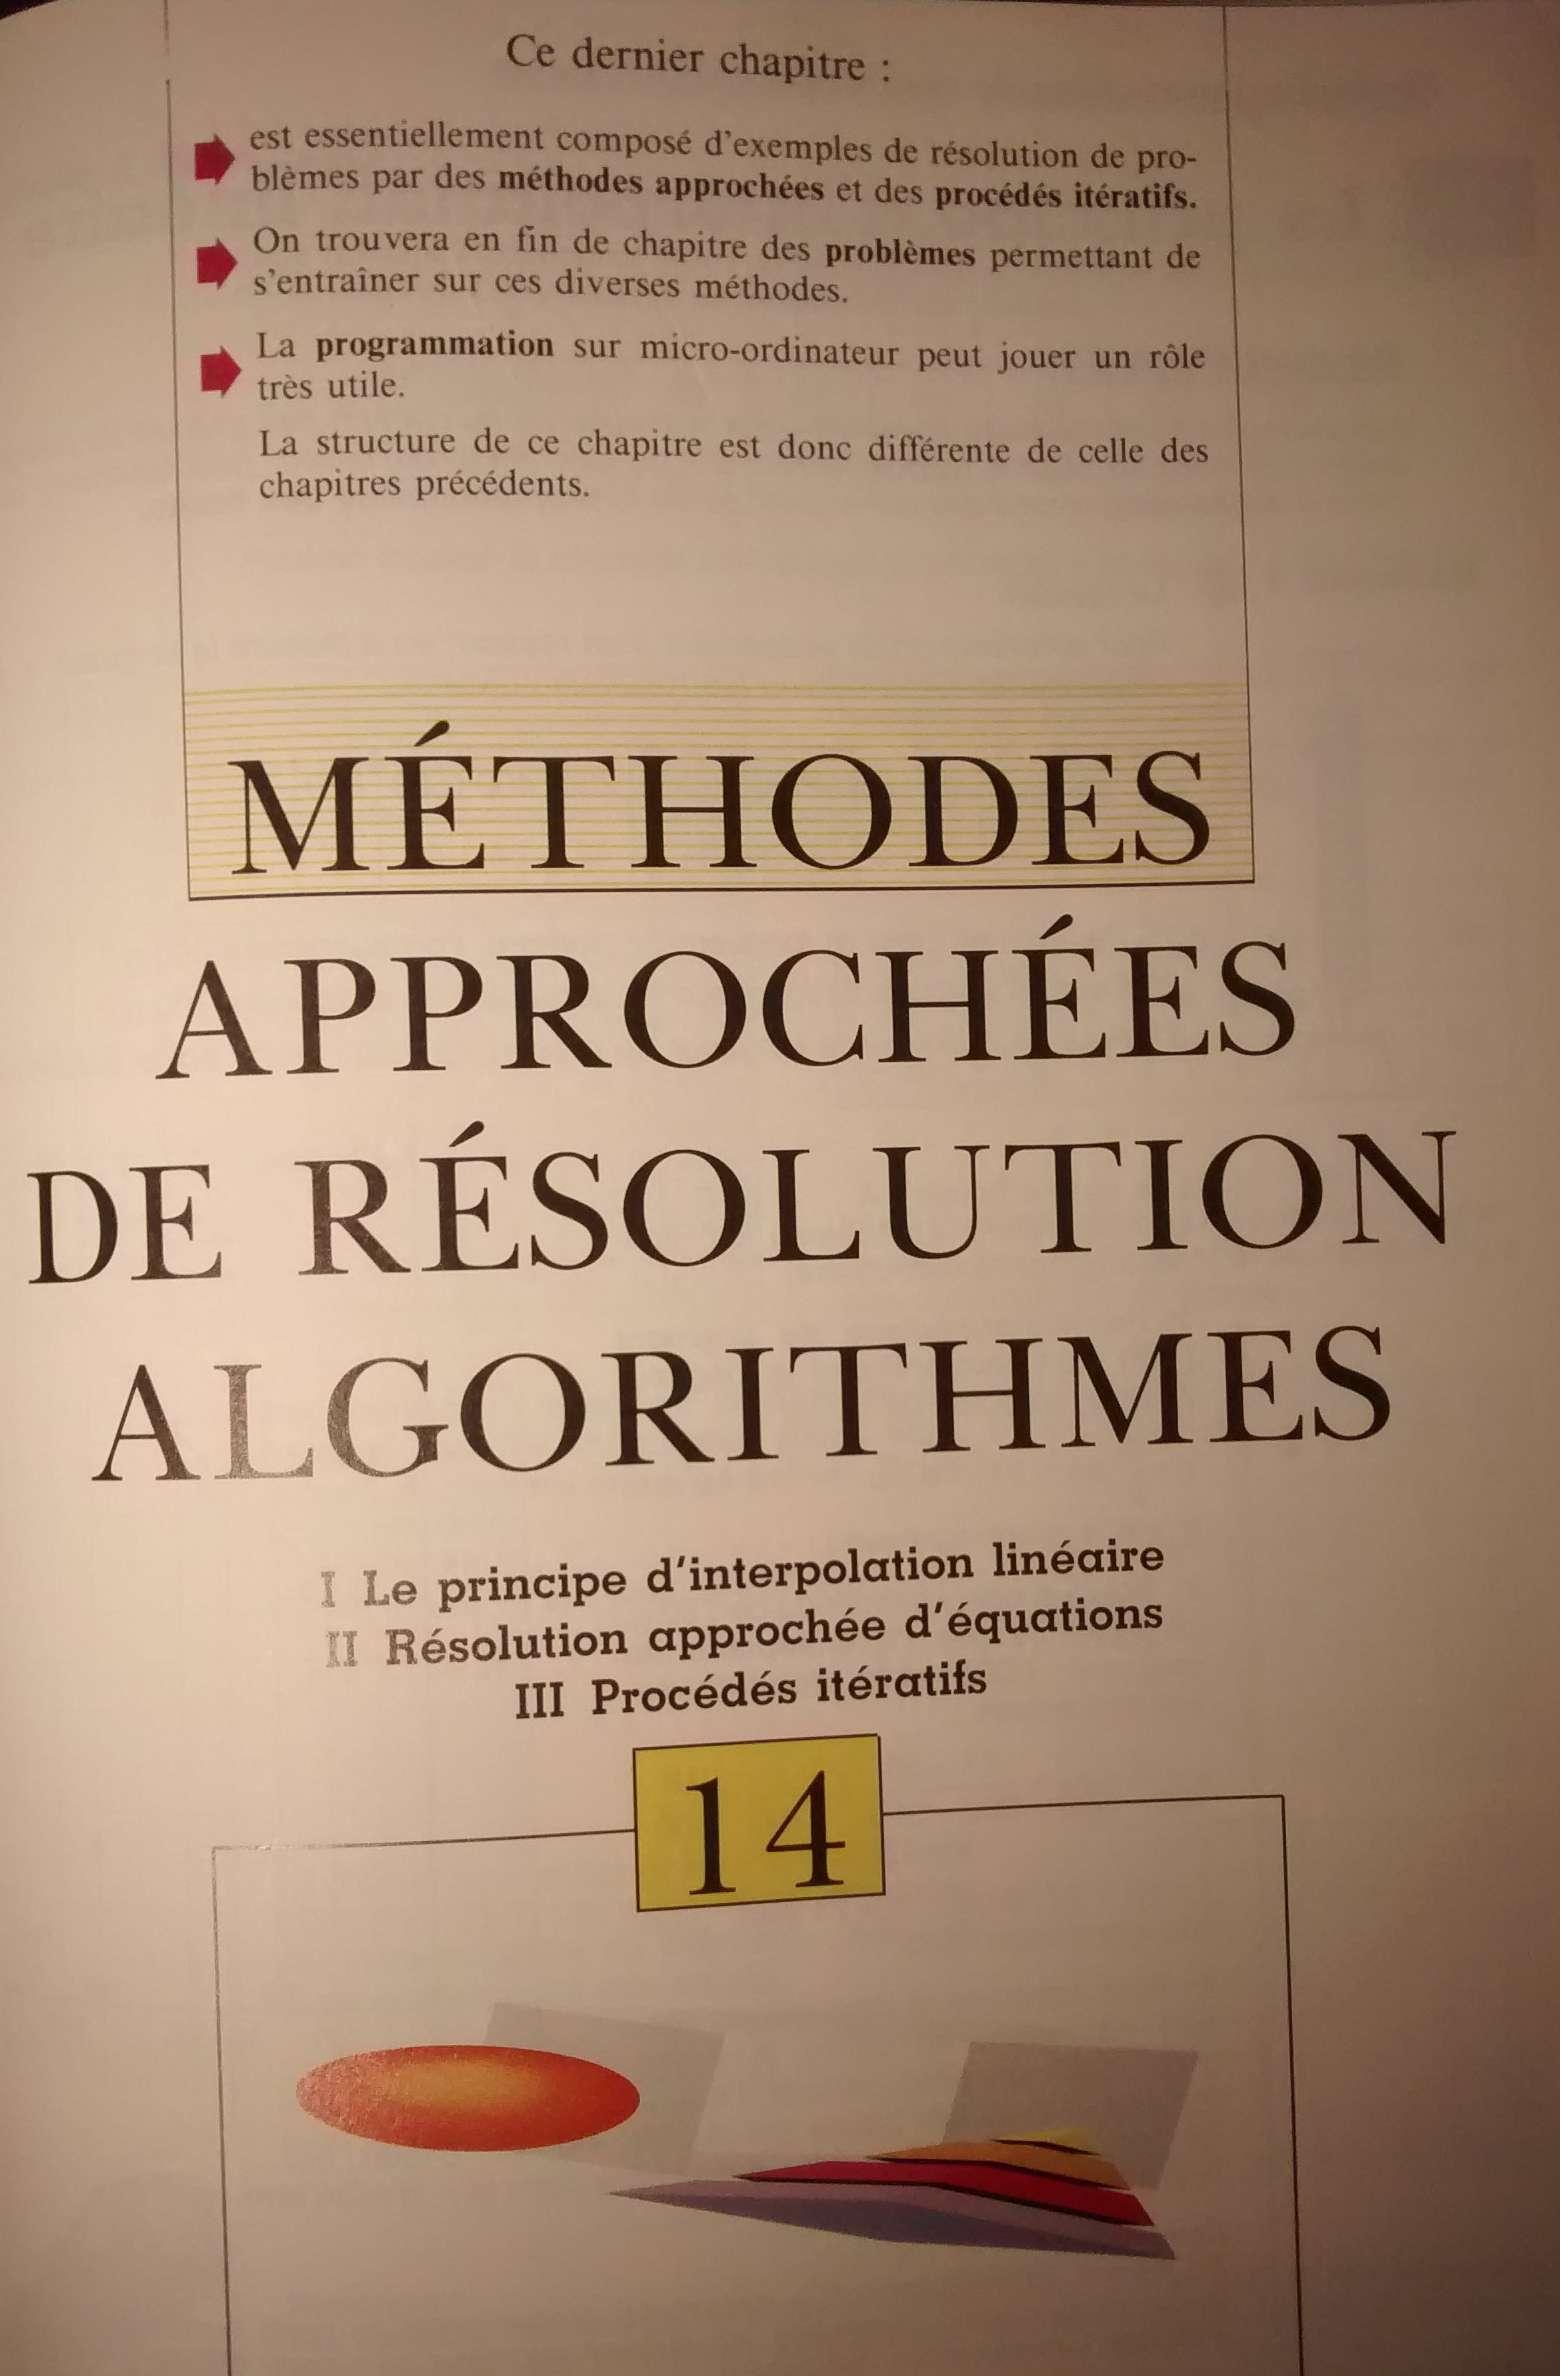 [Sondage] Informatique dans le programme de mathématiques - Page 3 Img_2011